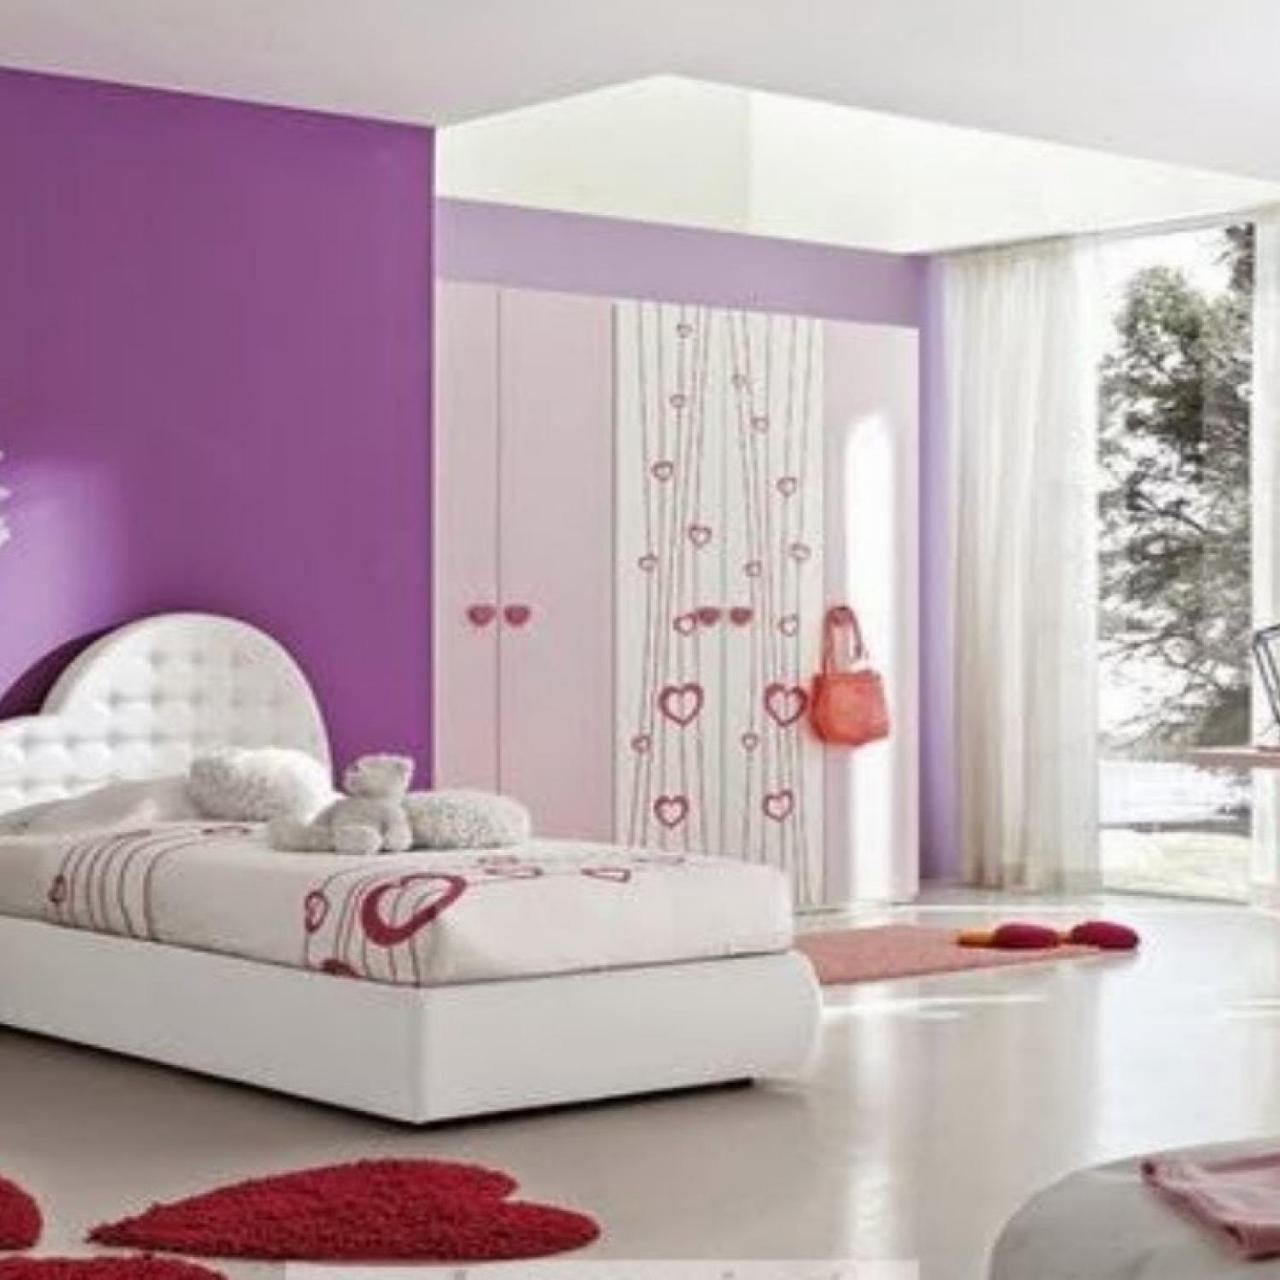 صورة ديكورات غرف اطفال, رقة رومانسية جمال وشباب ايضا في هذه التصاميم 723 3